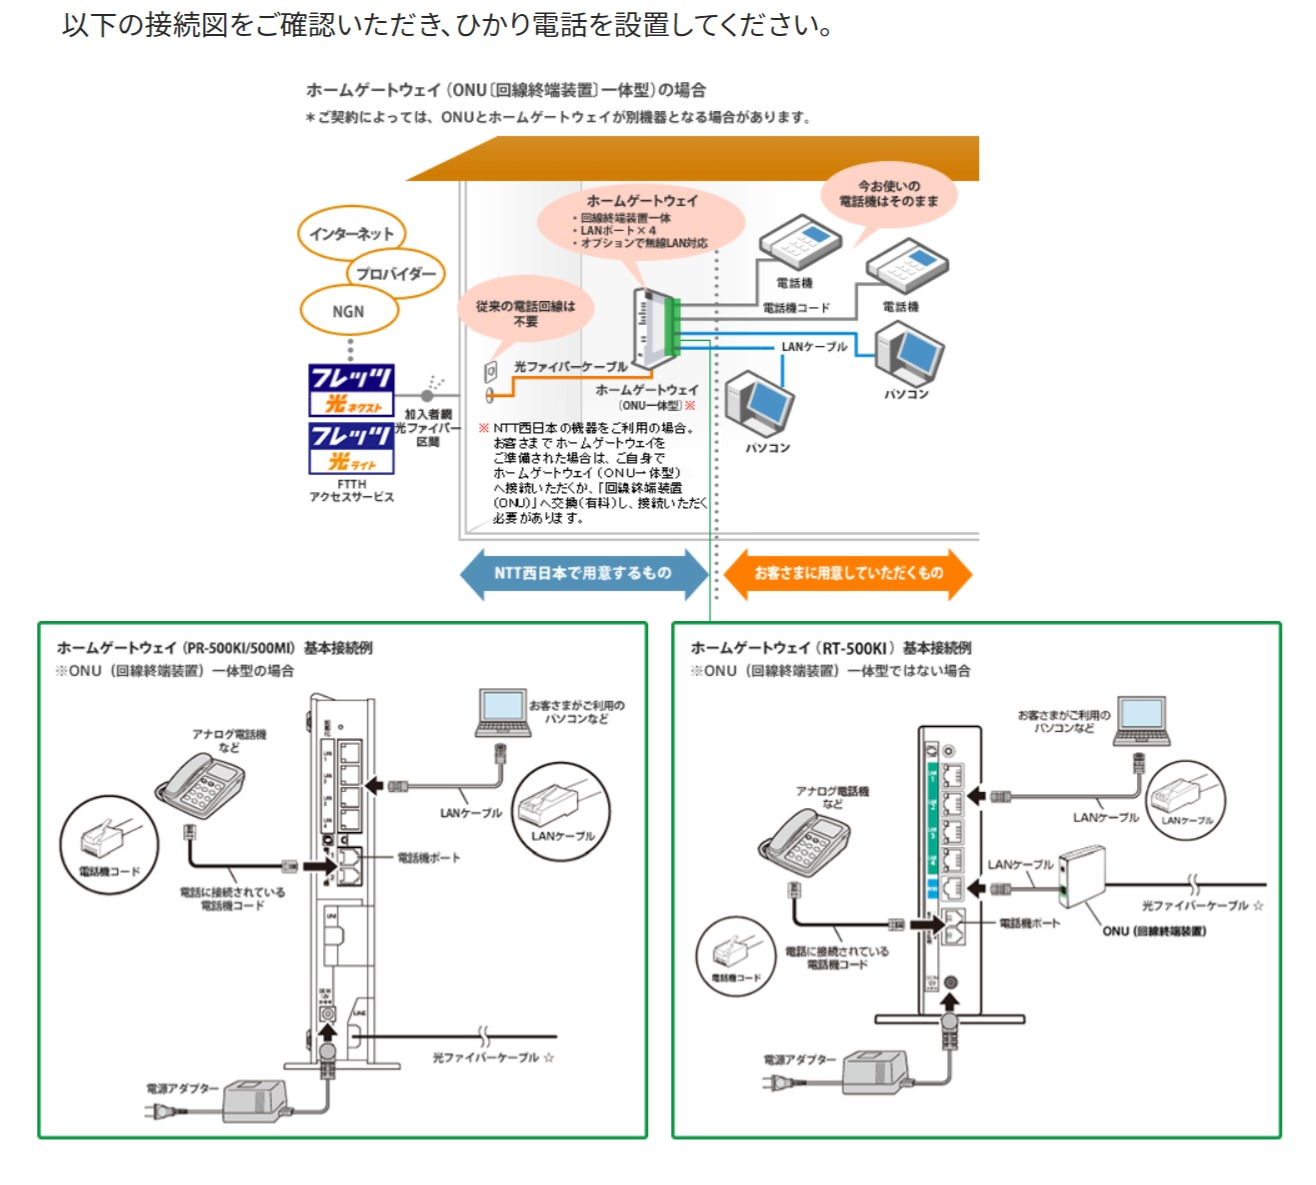 ひかり電話設置 NTT西日本